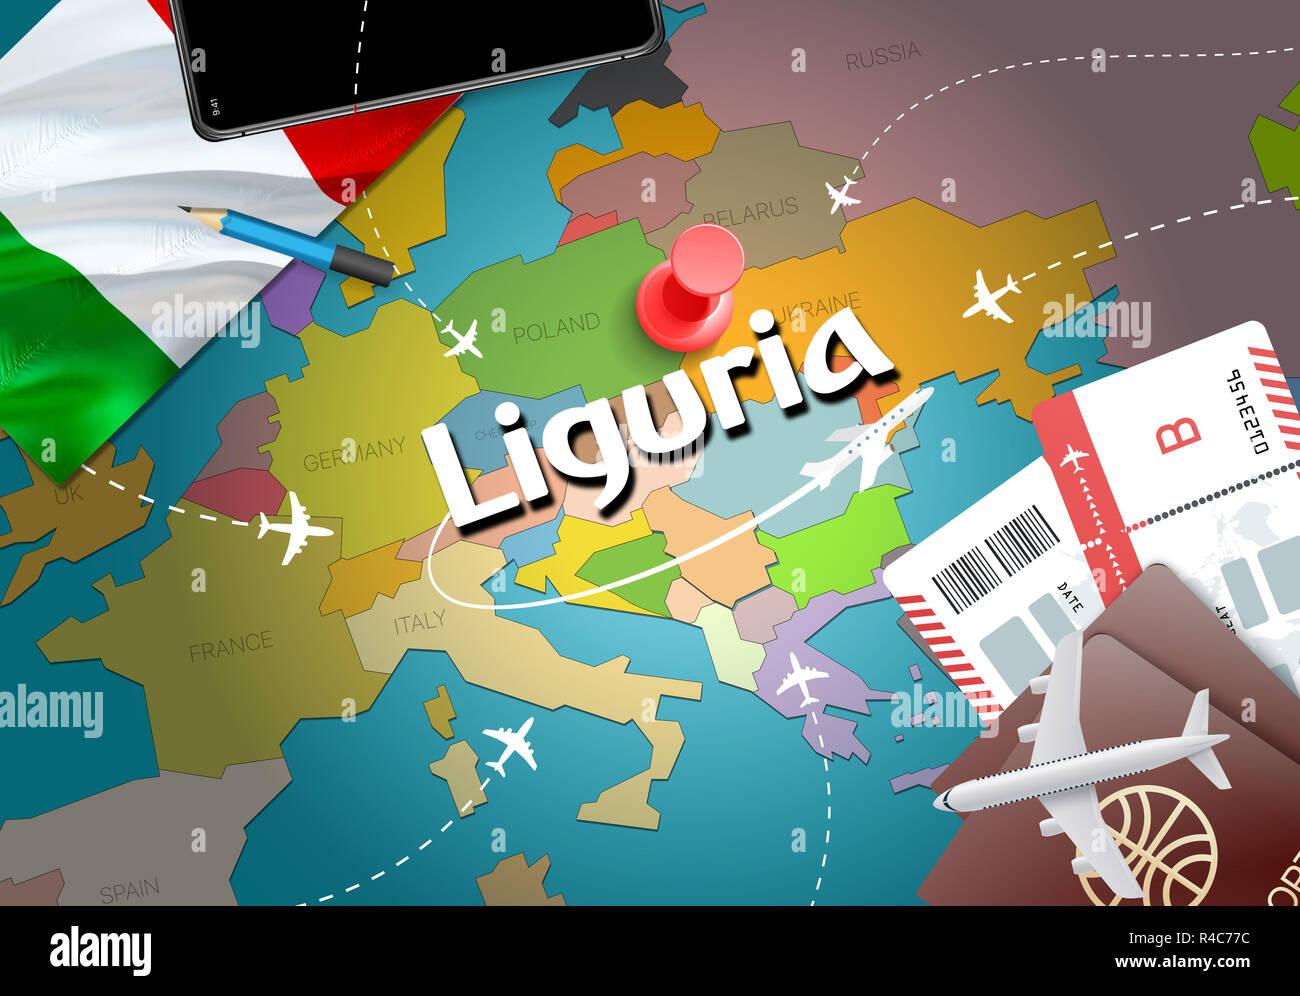 Ligurien Stadt Reisen Und Tourismus Ziel Konzept Italien Flagge